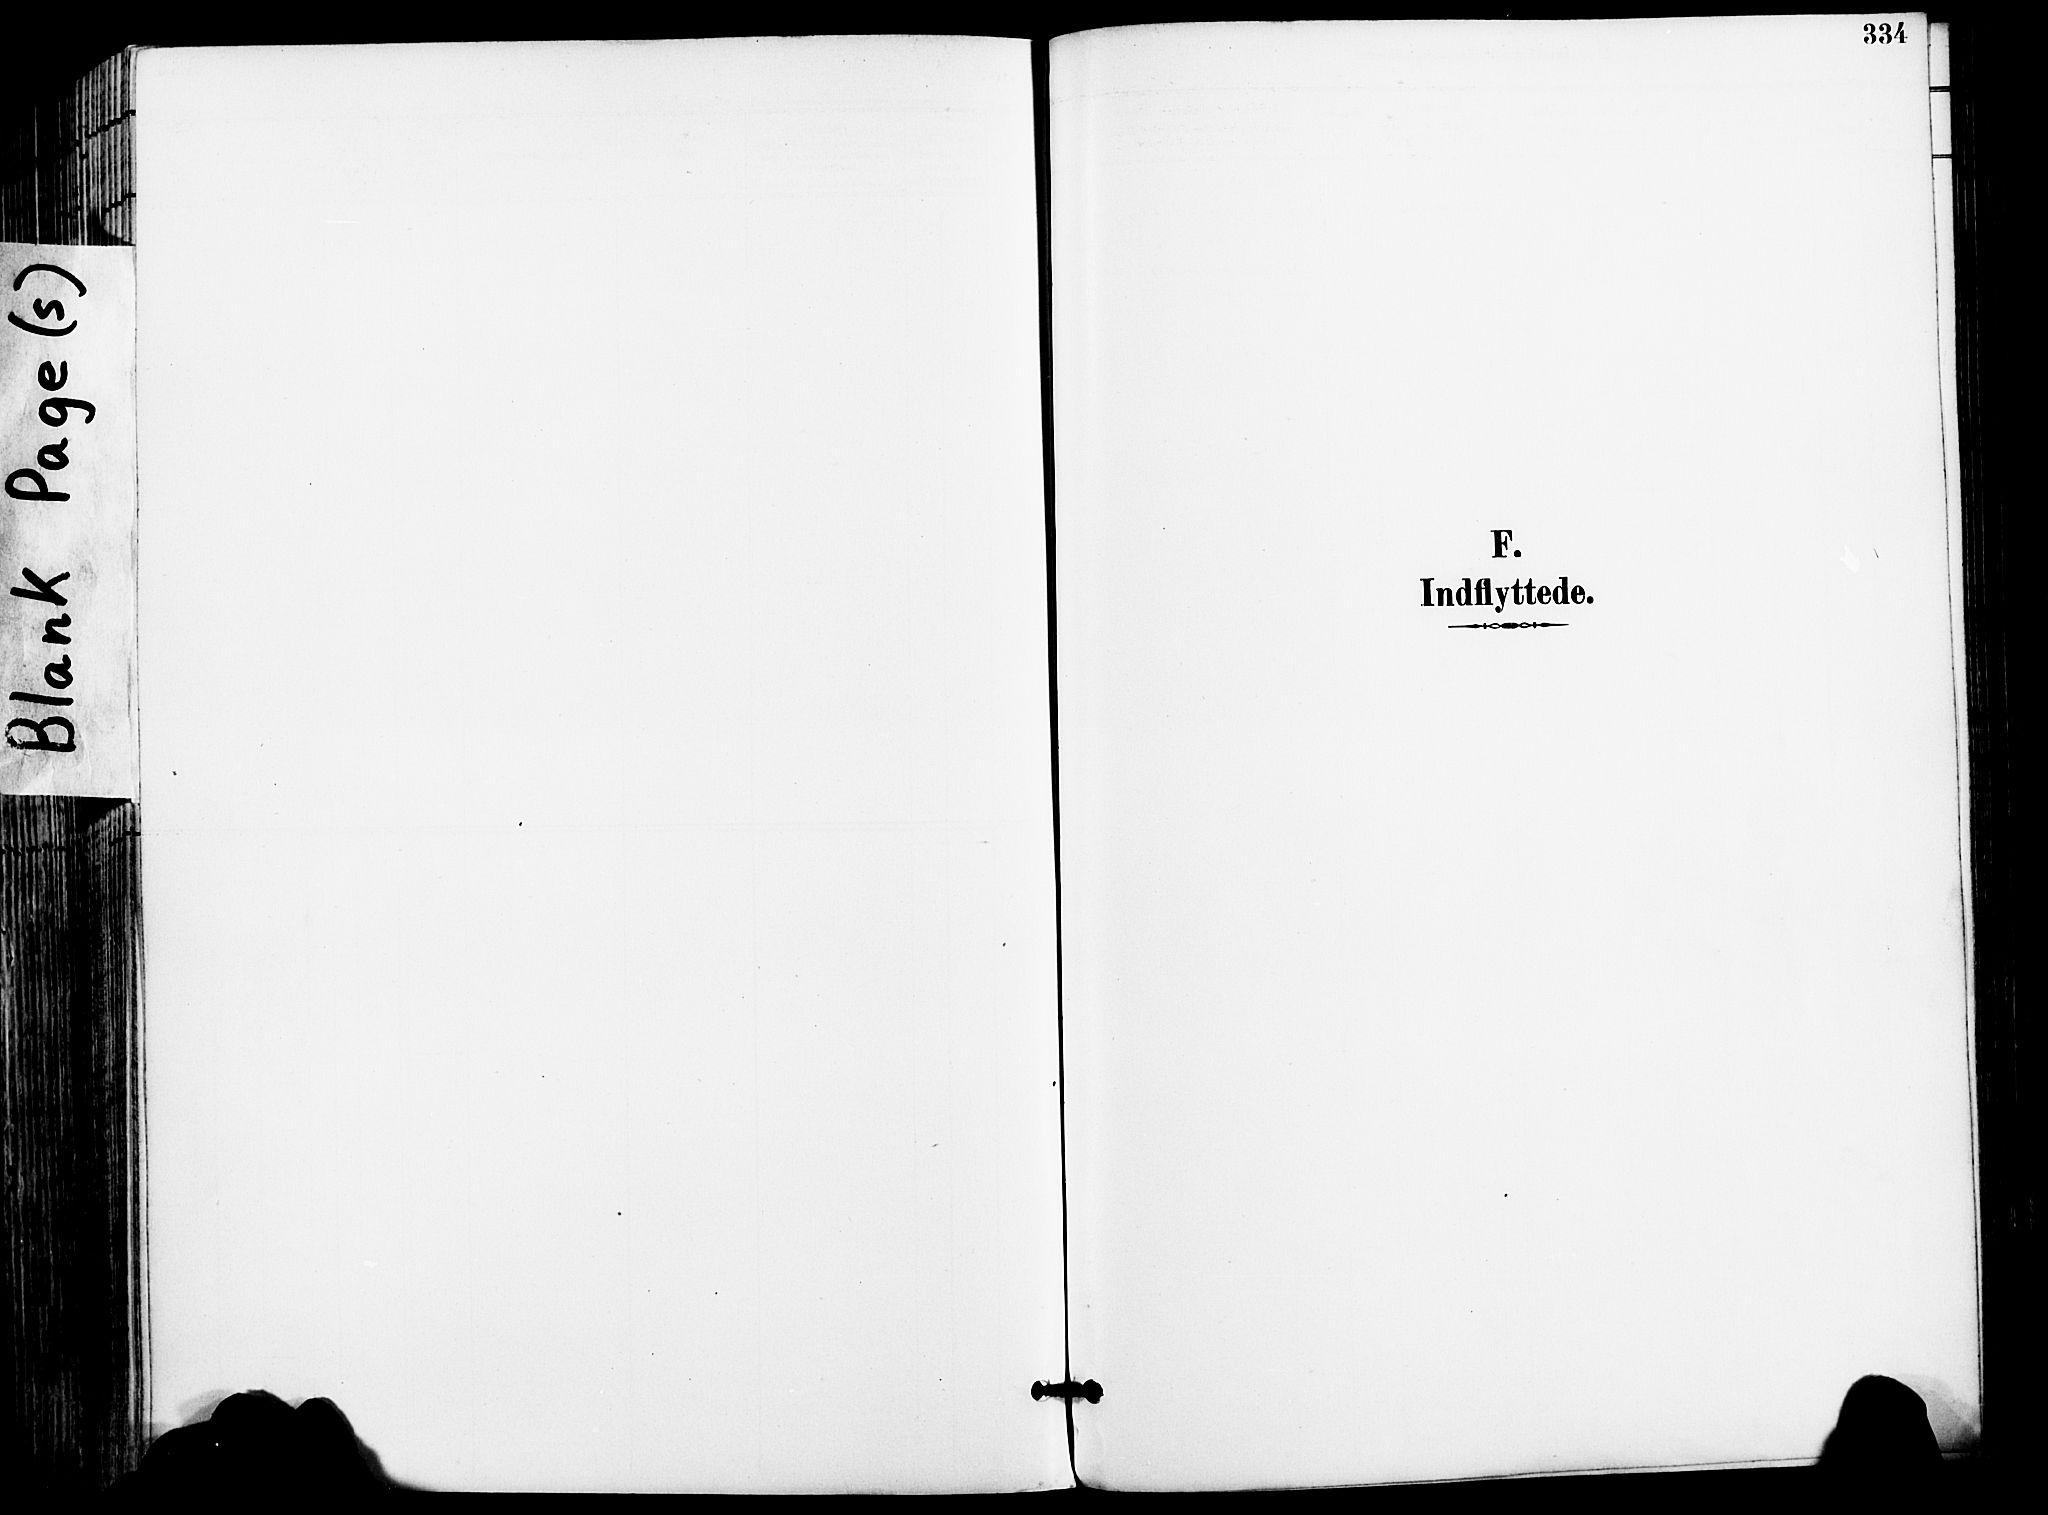 SATØ, Karlsøy sokneprestembete, Ministerialbok nr. 7, 1891-1902, s. 334